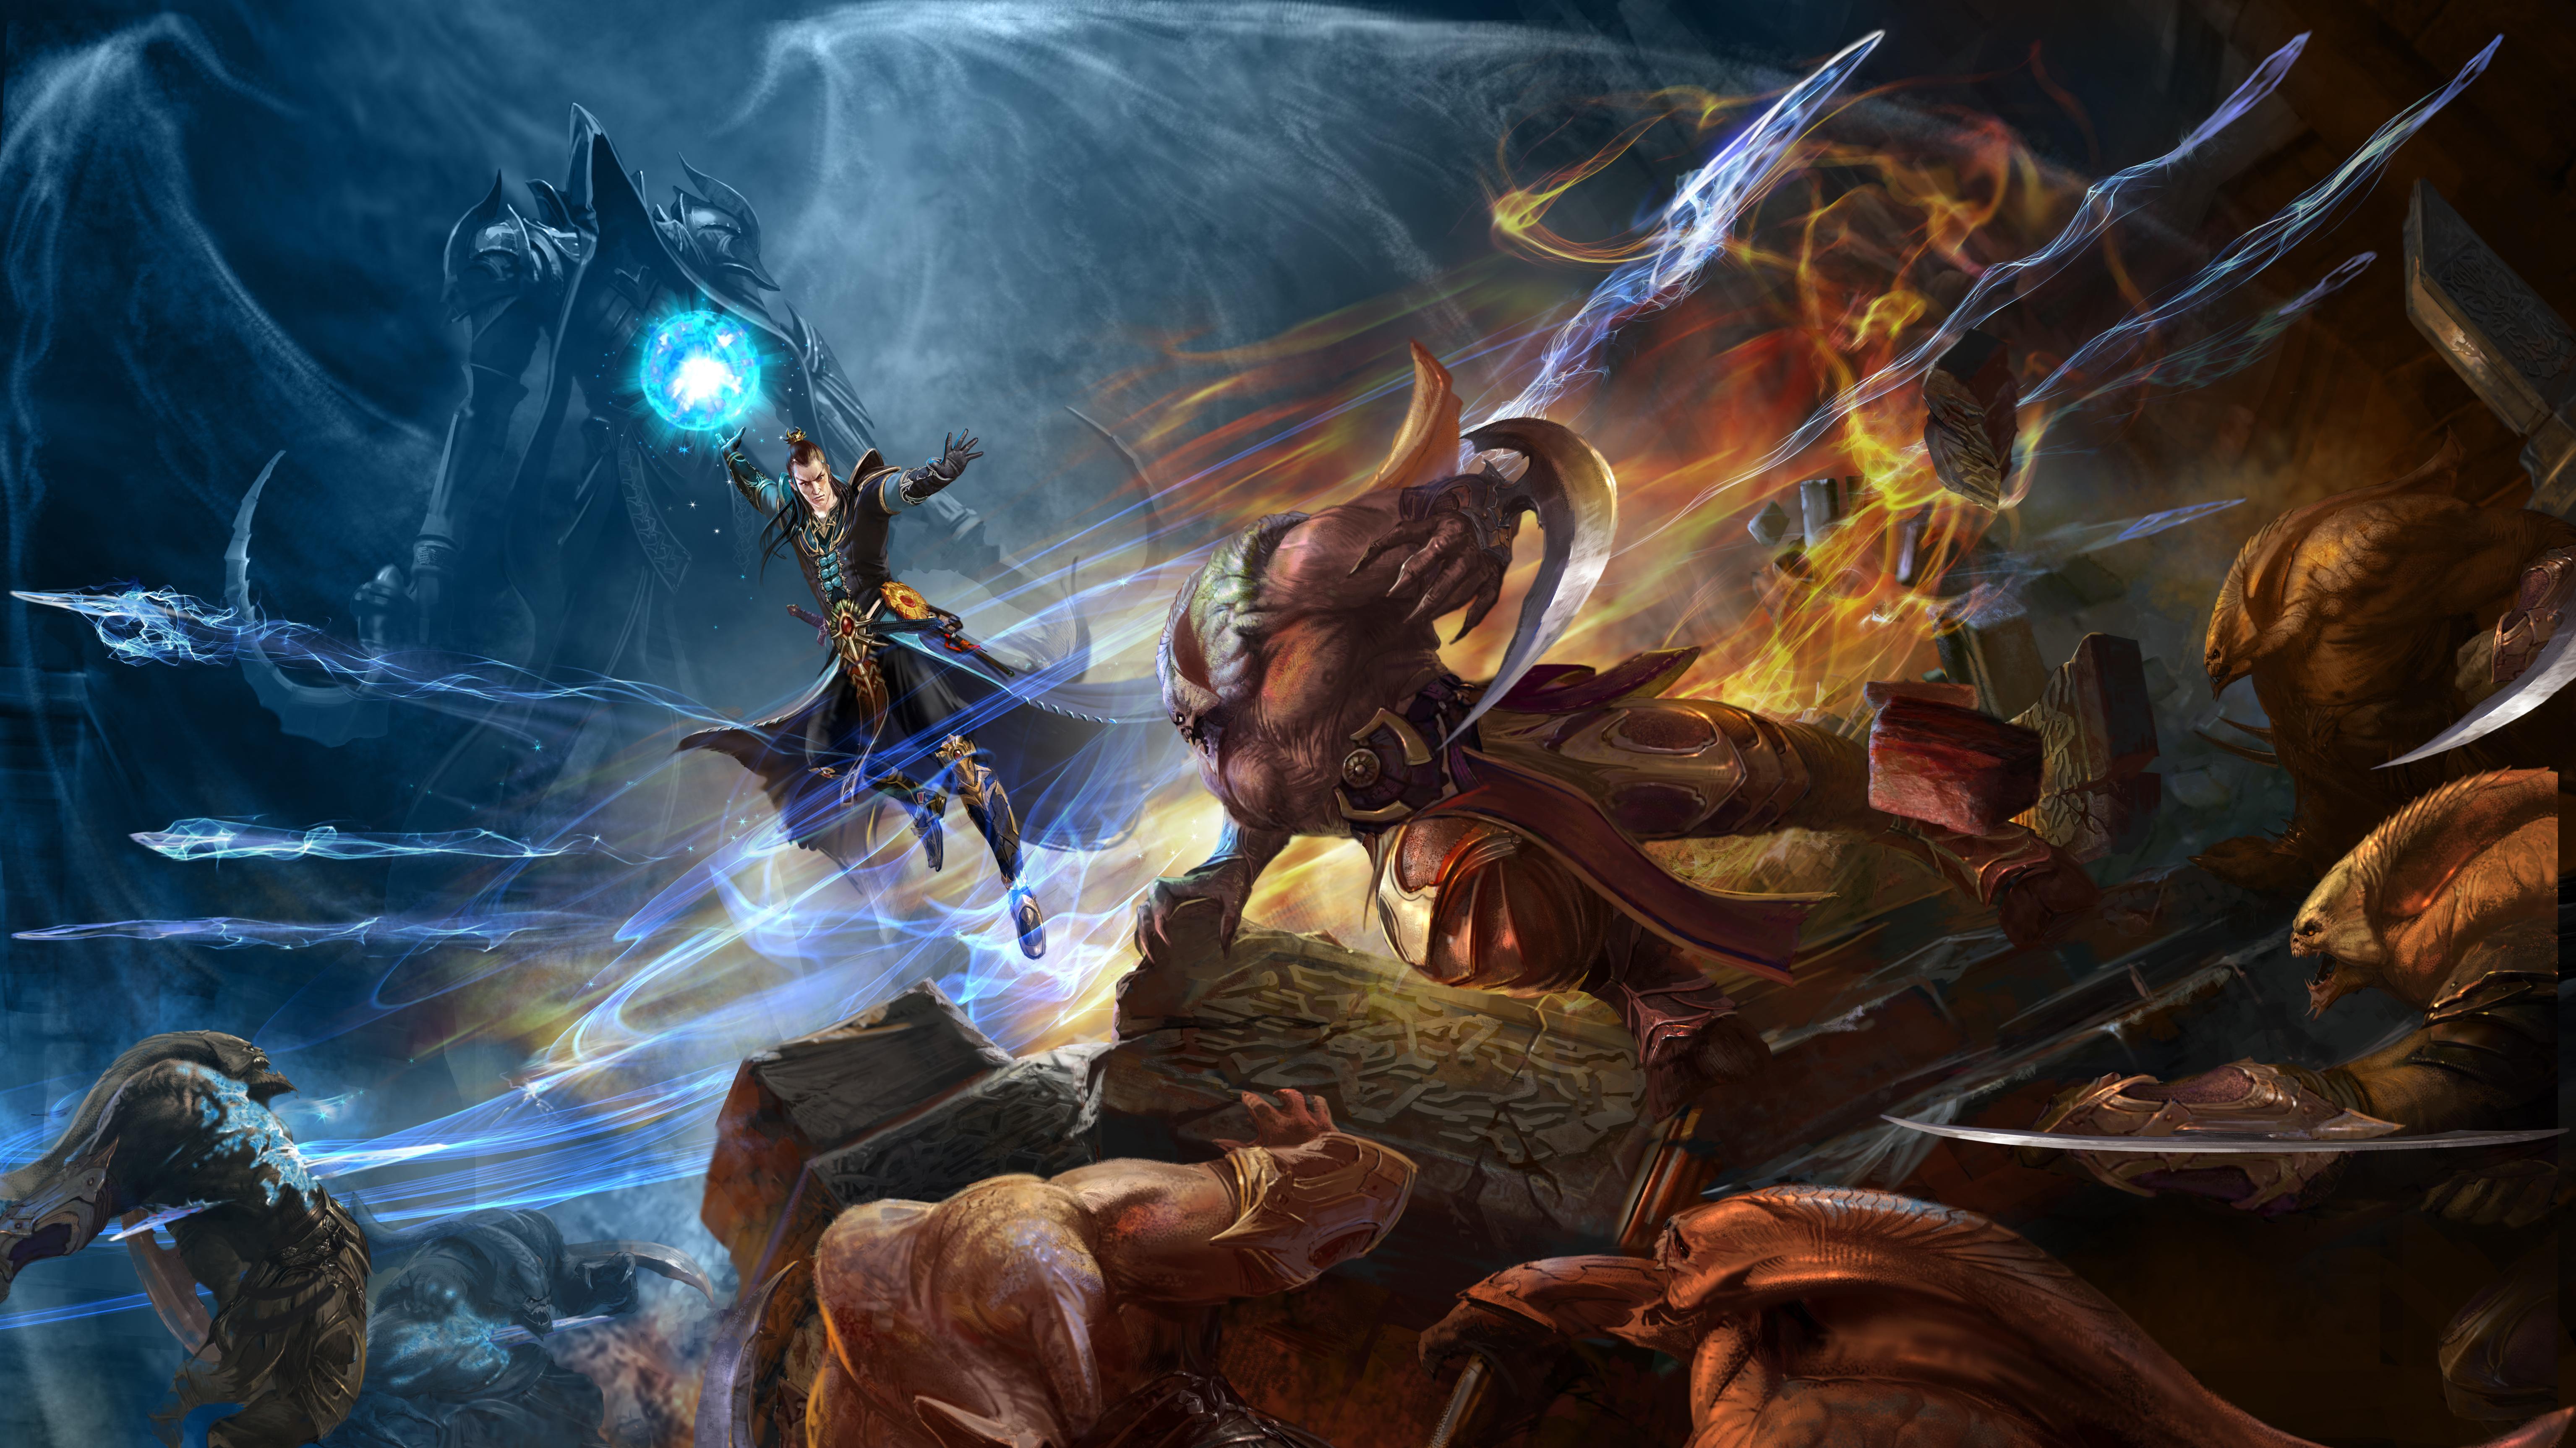 Diablo III: Reaper Of Souls 5k Retina Ultra HD Wallpaper ...